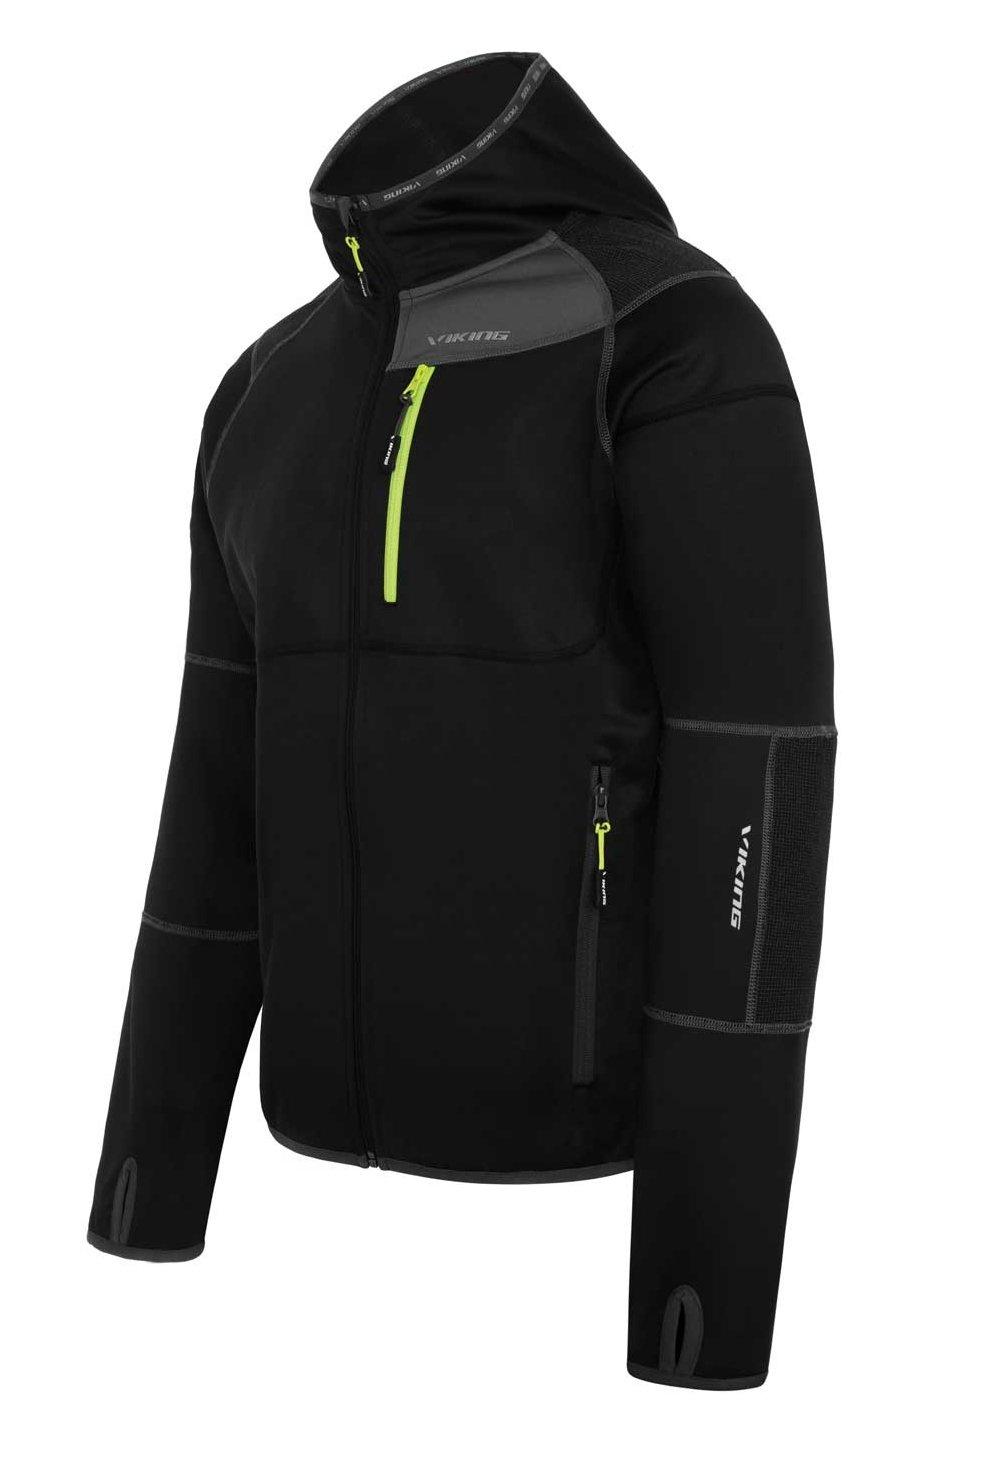 viking Giacca Funzionale Da Uomo - Perfetta Per Il Trekking - Traspirante - Resistente All'Acqua E Al Vento - Alpine Man Larix